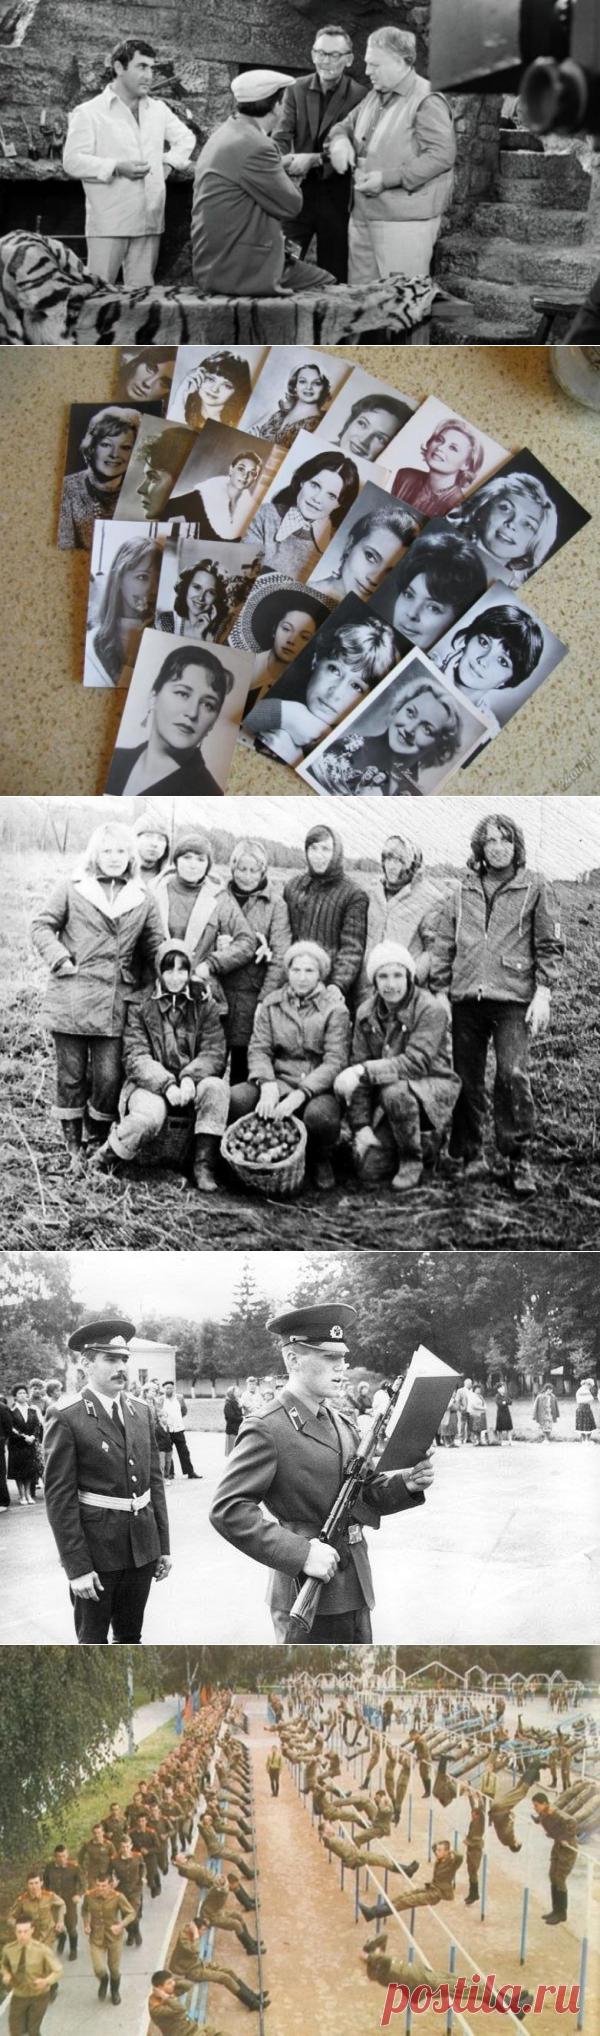 Фотохроника страны, которой больше нет / Назад в СССР / Back in USSR